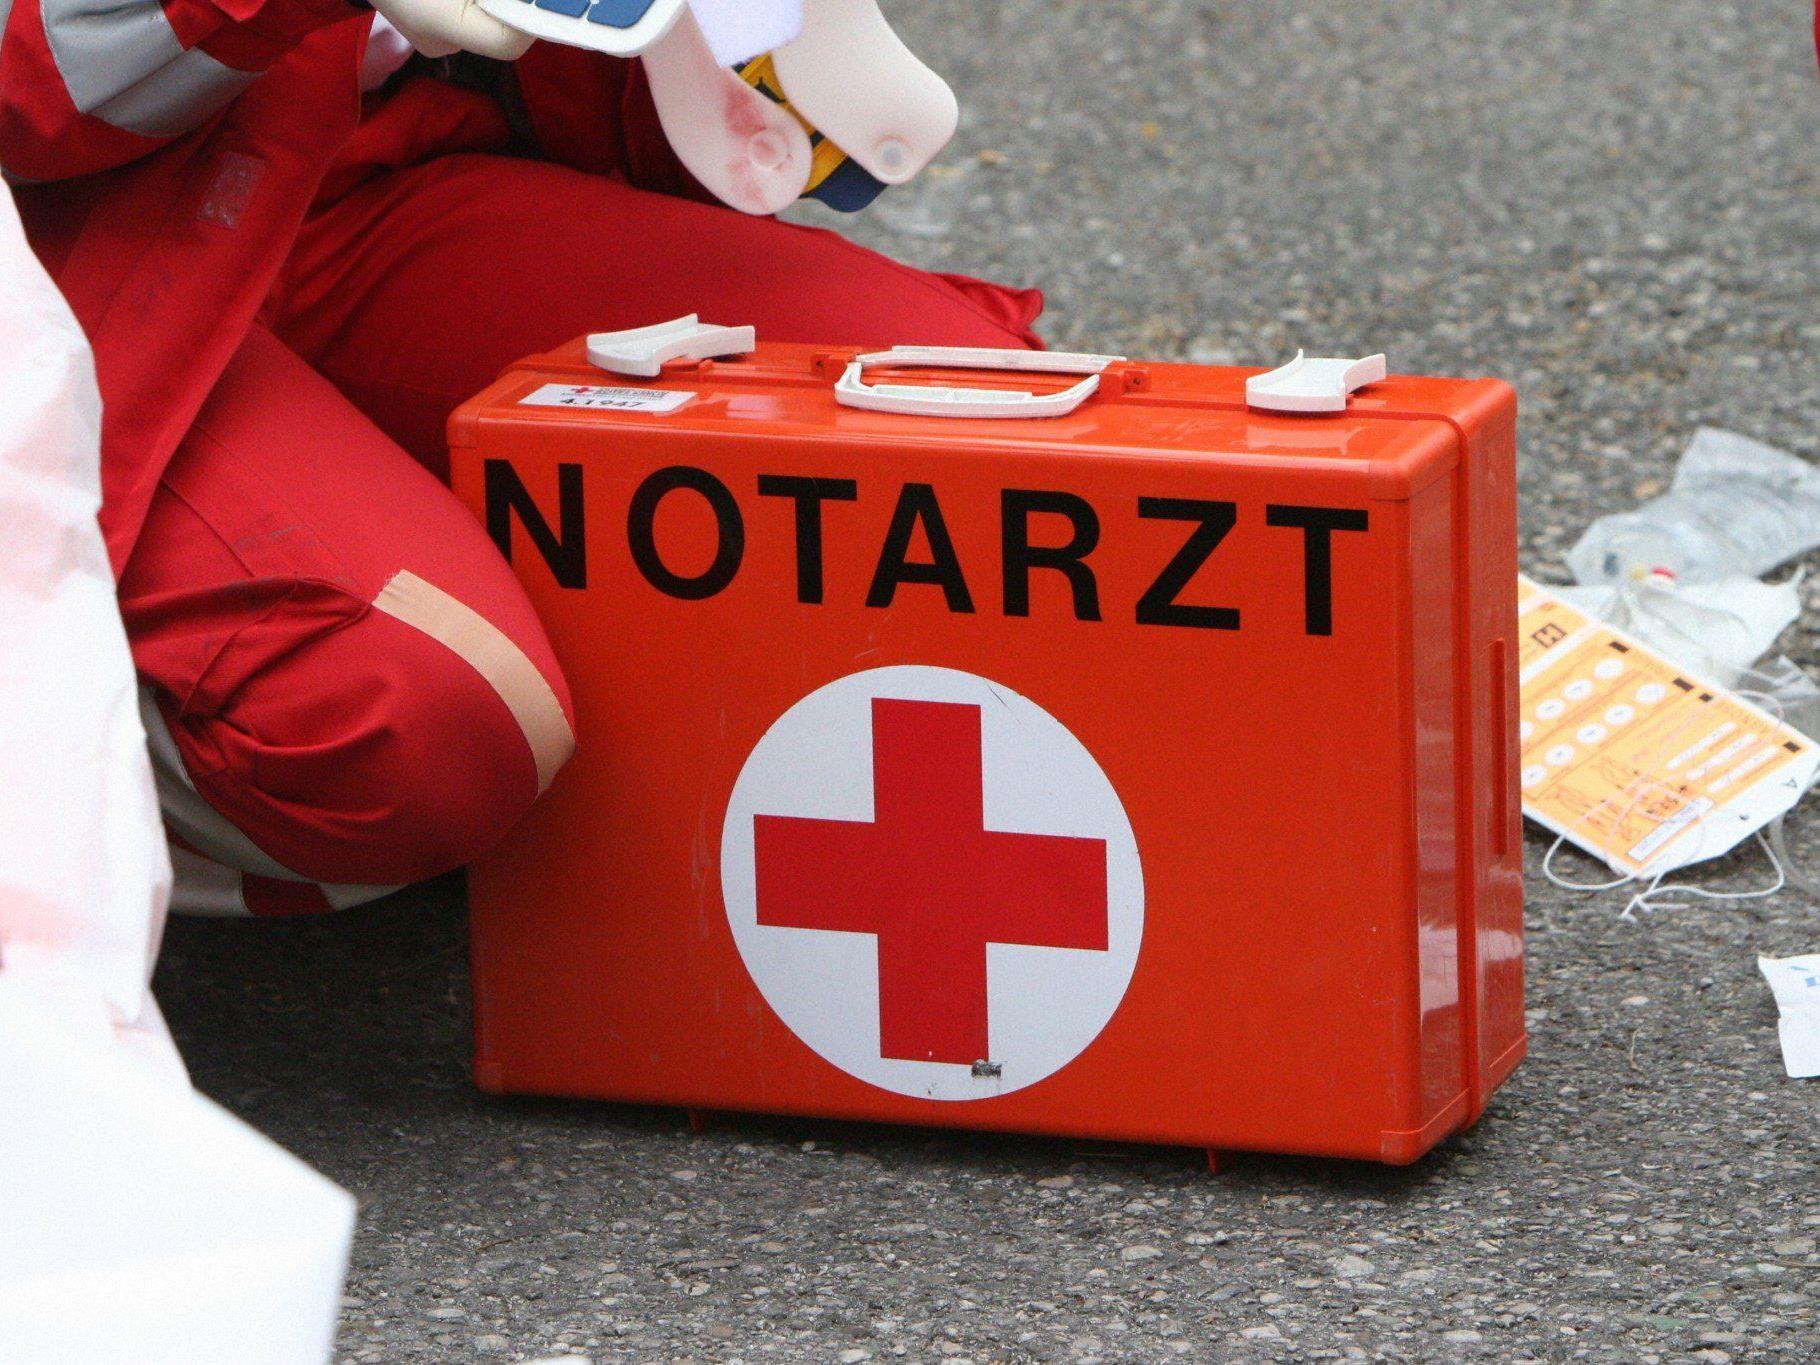 Nach einem Unfall auf der A2 wurde eine Frau getötet.